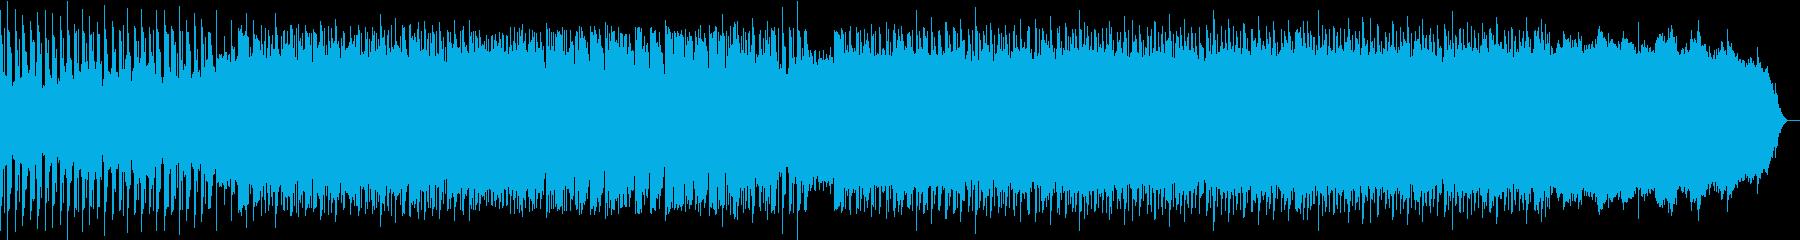 解説シーン向けコミカルEDMの再生済みの波形